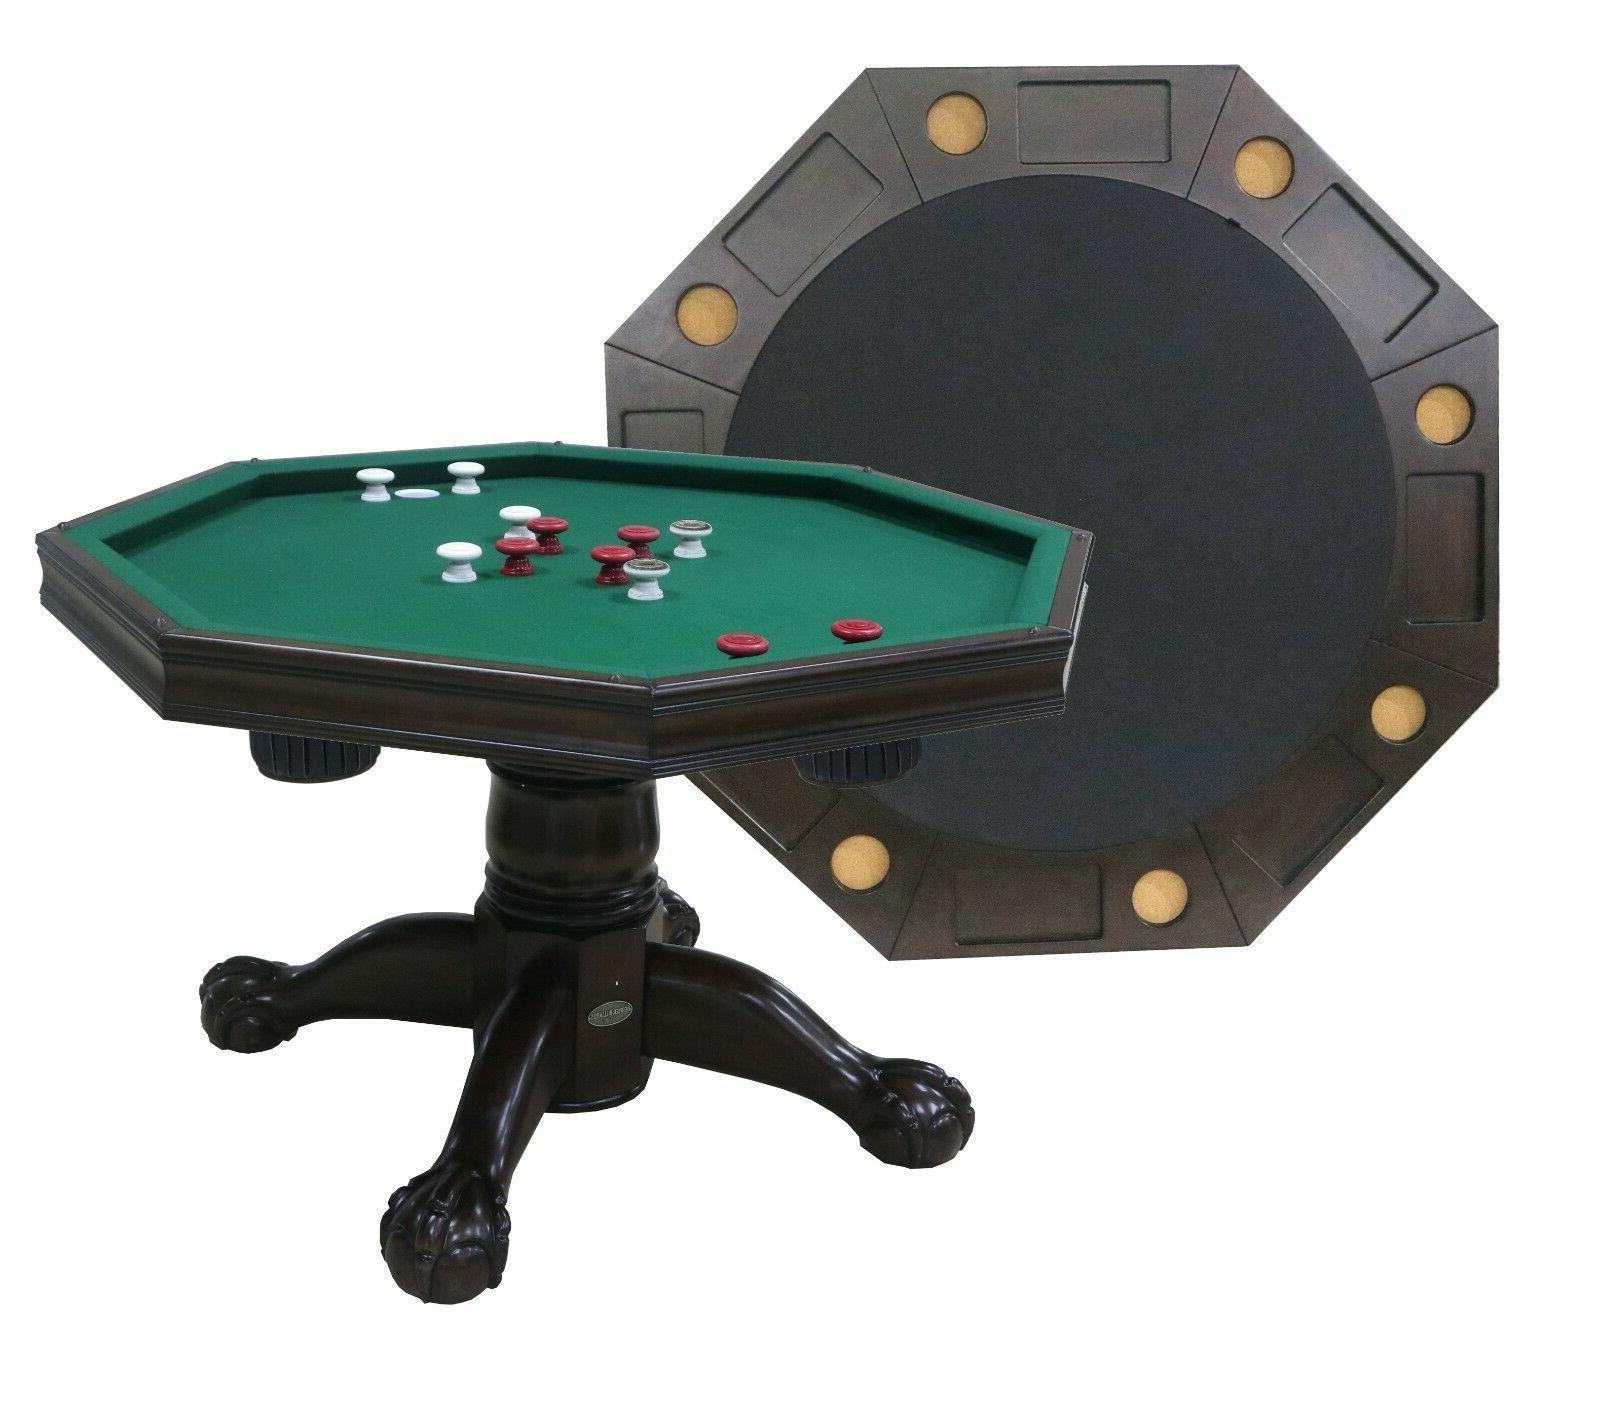 3 in 1 bumper pool poker